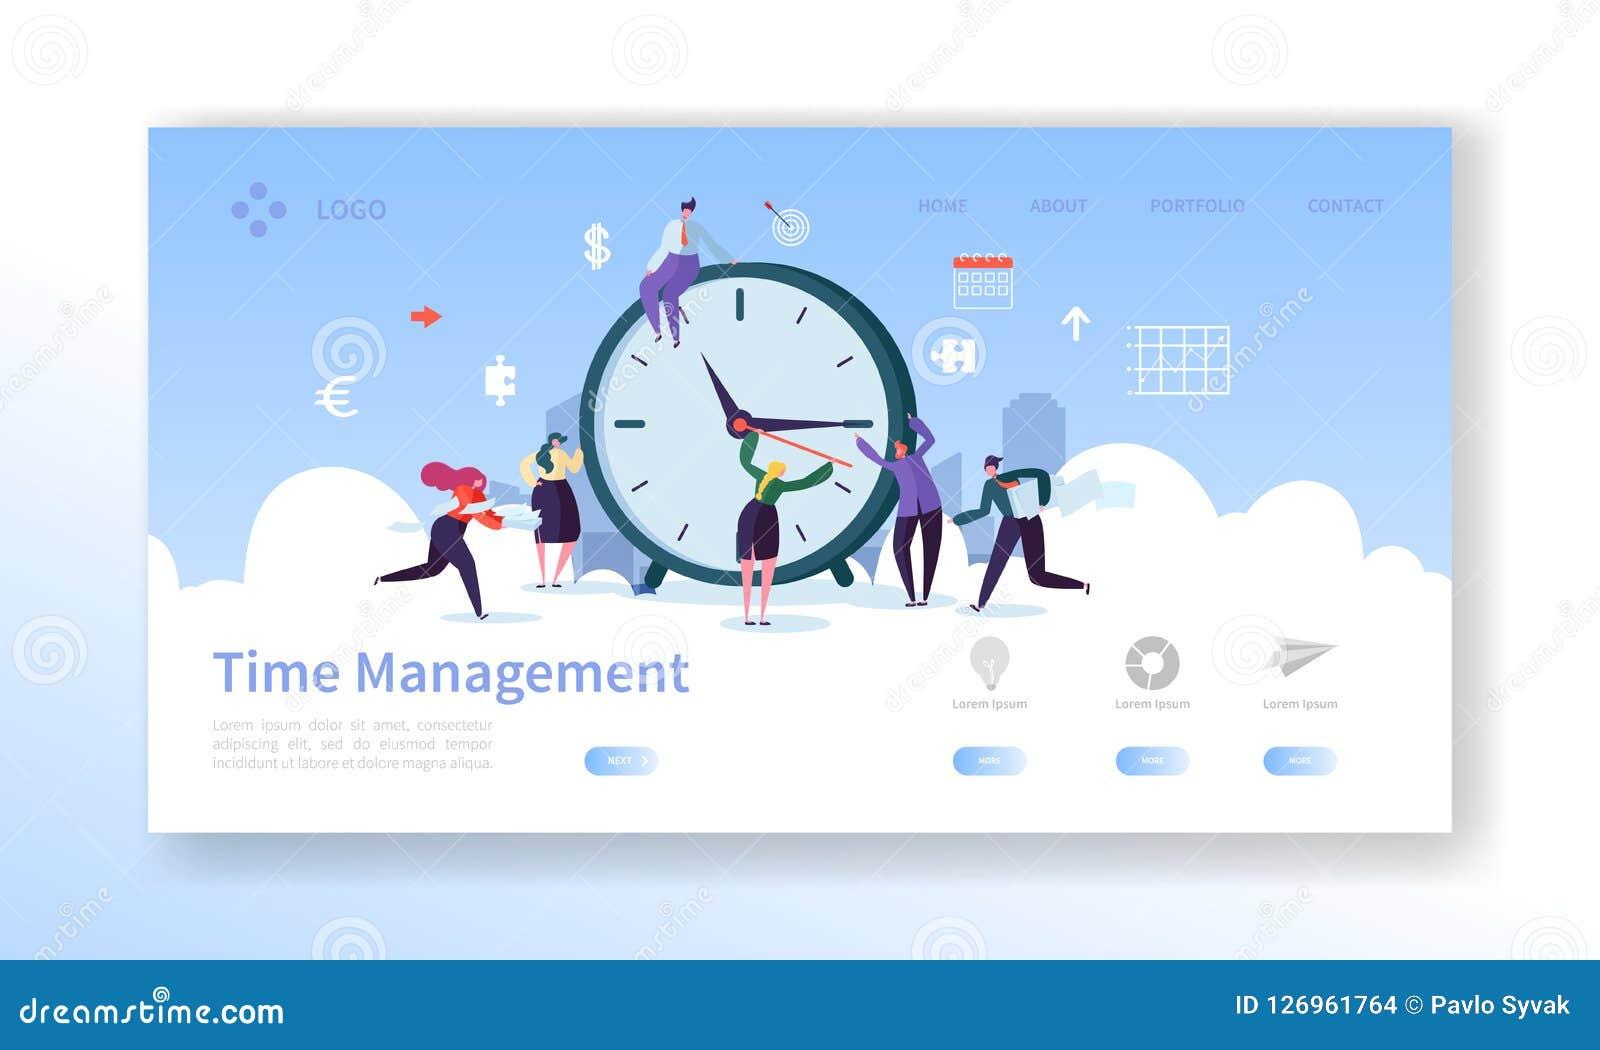 Zeit-Management-Landungs-Seiten-Schablone Planungs-und Strategie-Website-Plan mit flachen Leute-Charakteren und Uhr